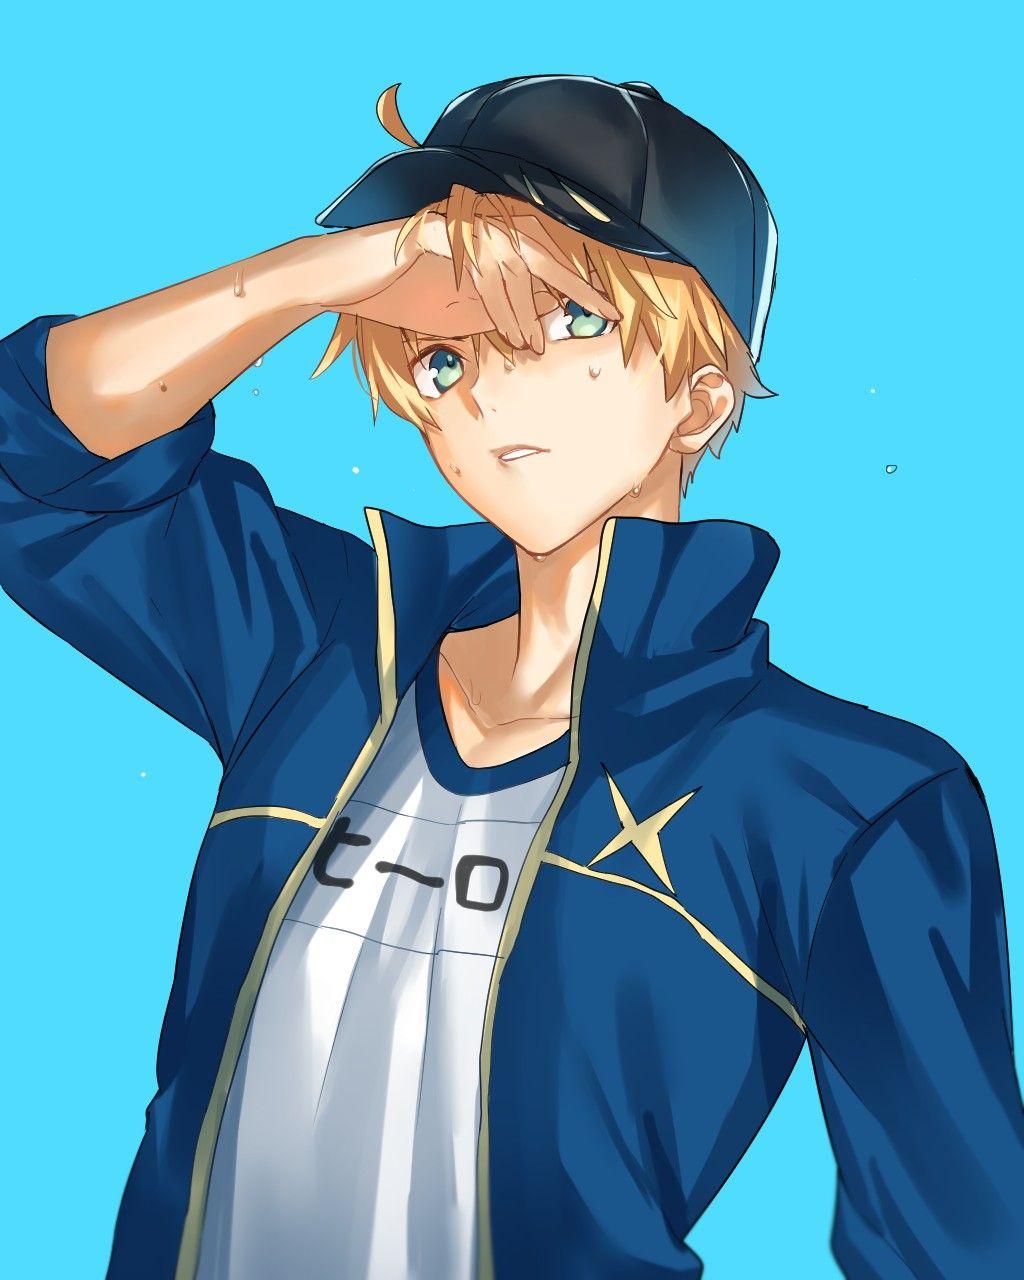 Anime cute boy Anime